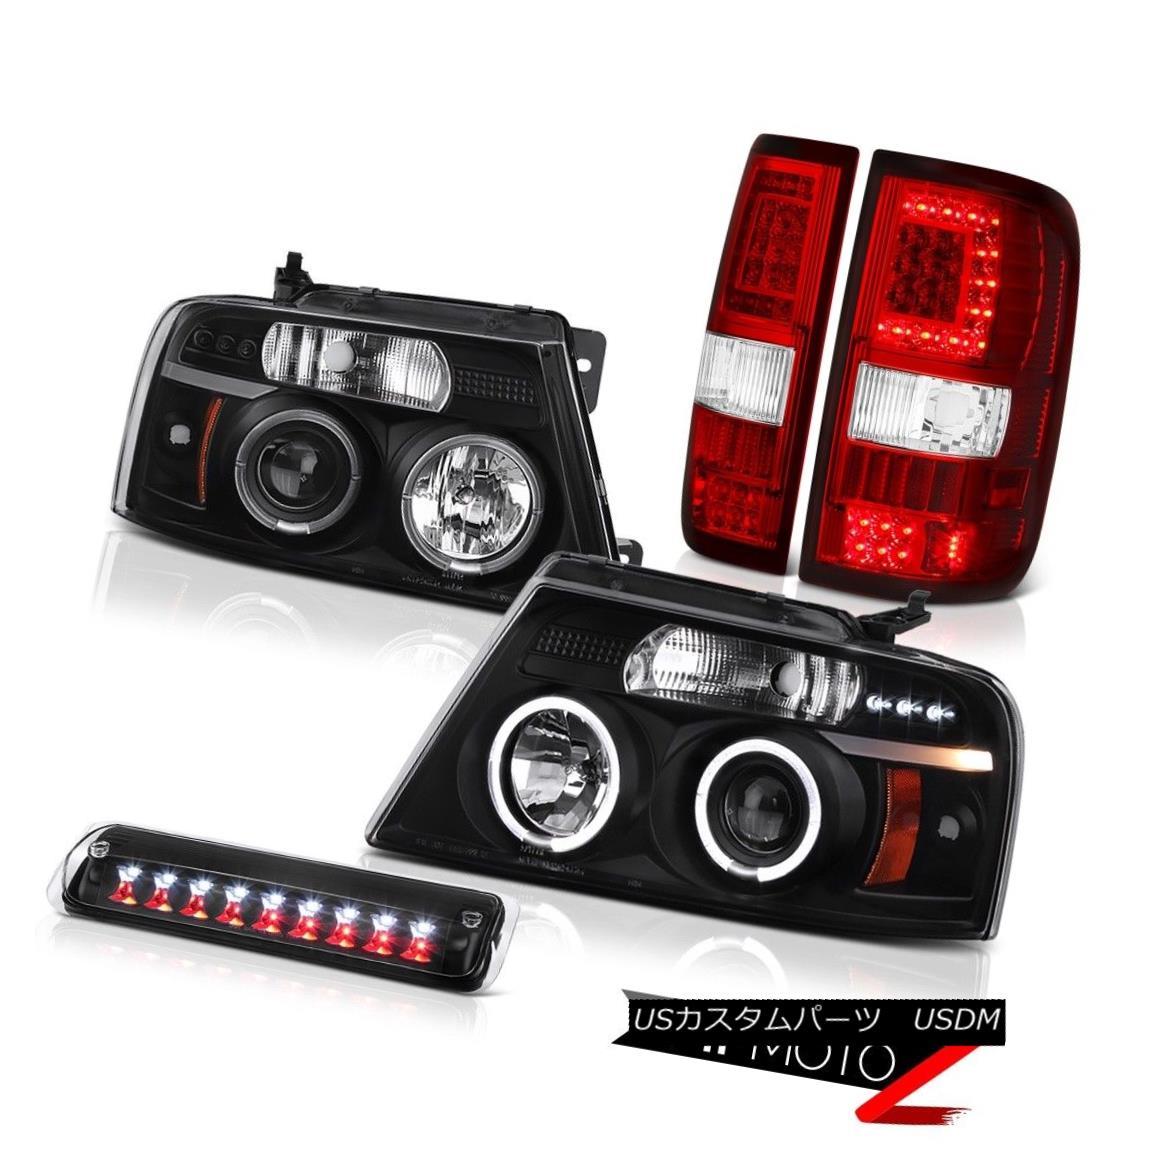 テールライト 04 05-07 08 Ford F150 Led Bar Tail Lamp Inky Black 3Rd Brake Head Pair L+R LH+RH 04 05-07 08フォードF150リードバーテールランプインキブラック3RdブレーキヘッドペアL + R LH + RH